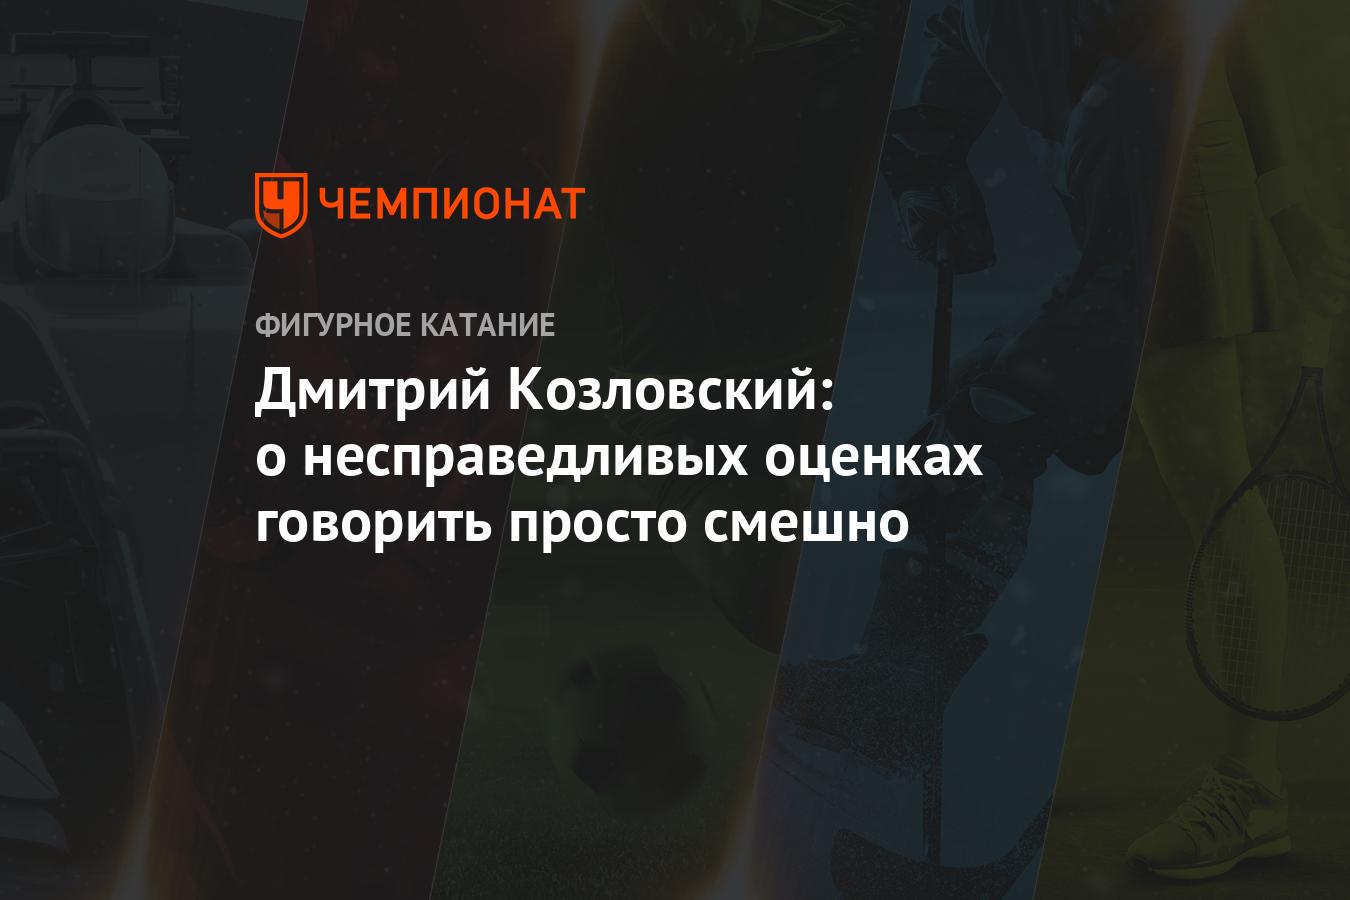 Дмитрий Козловский: о несправедливых оценках говорить просто смешно